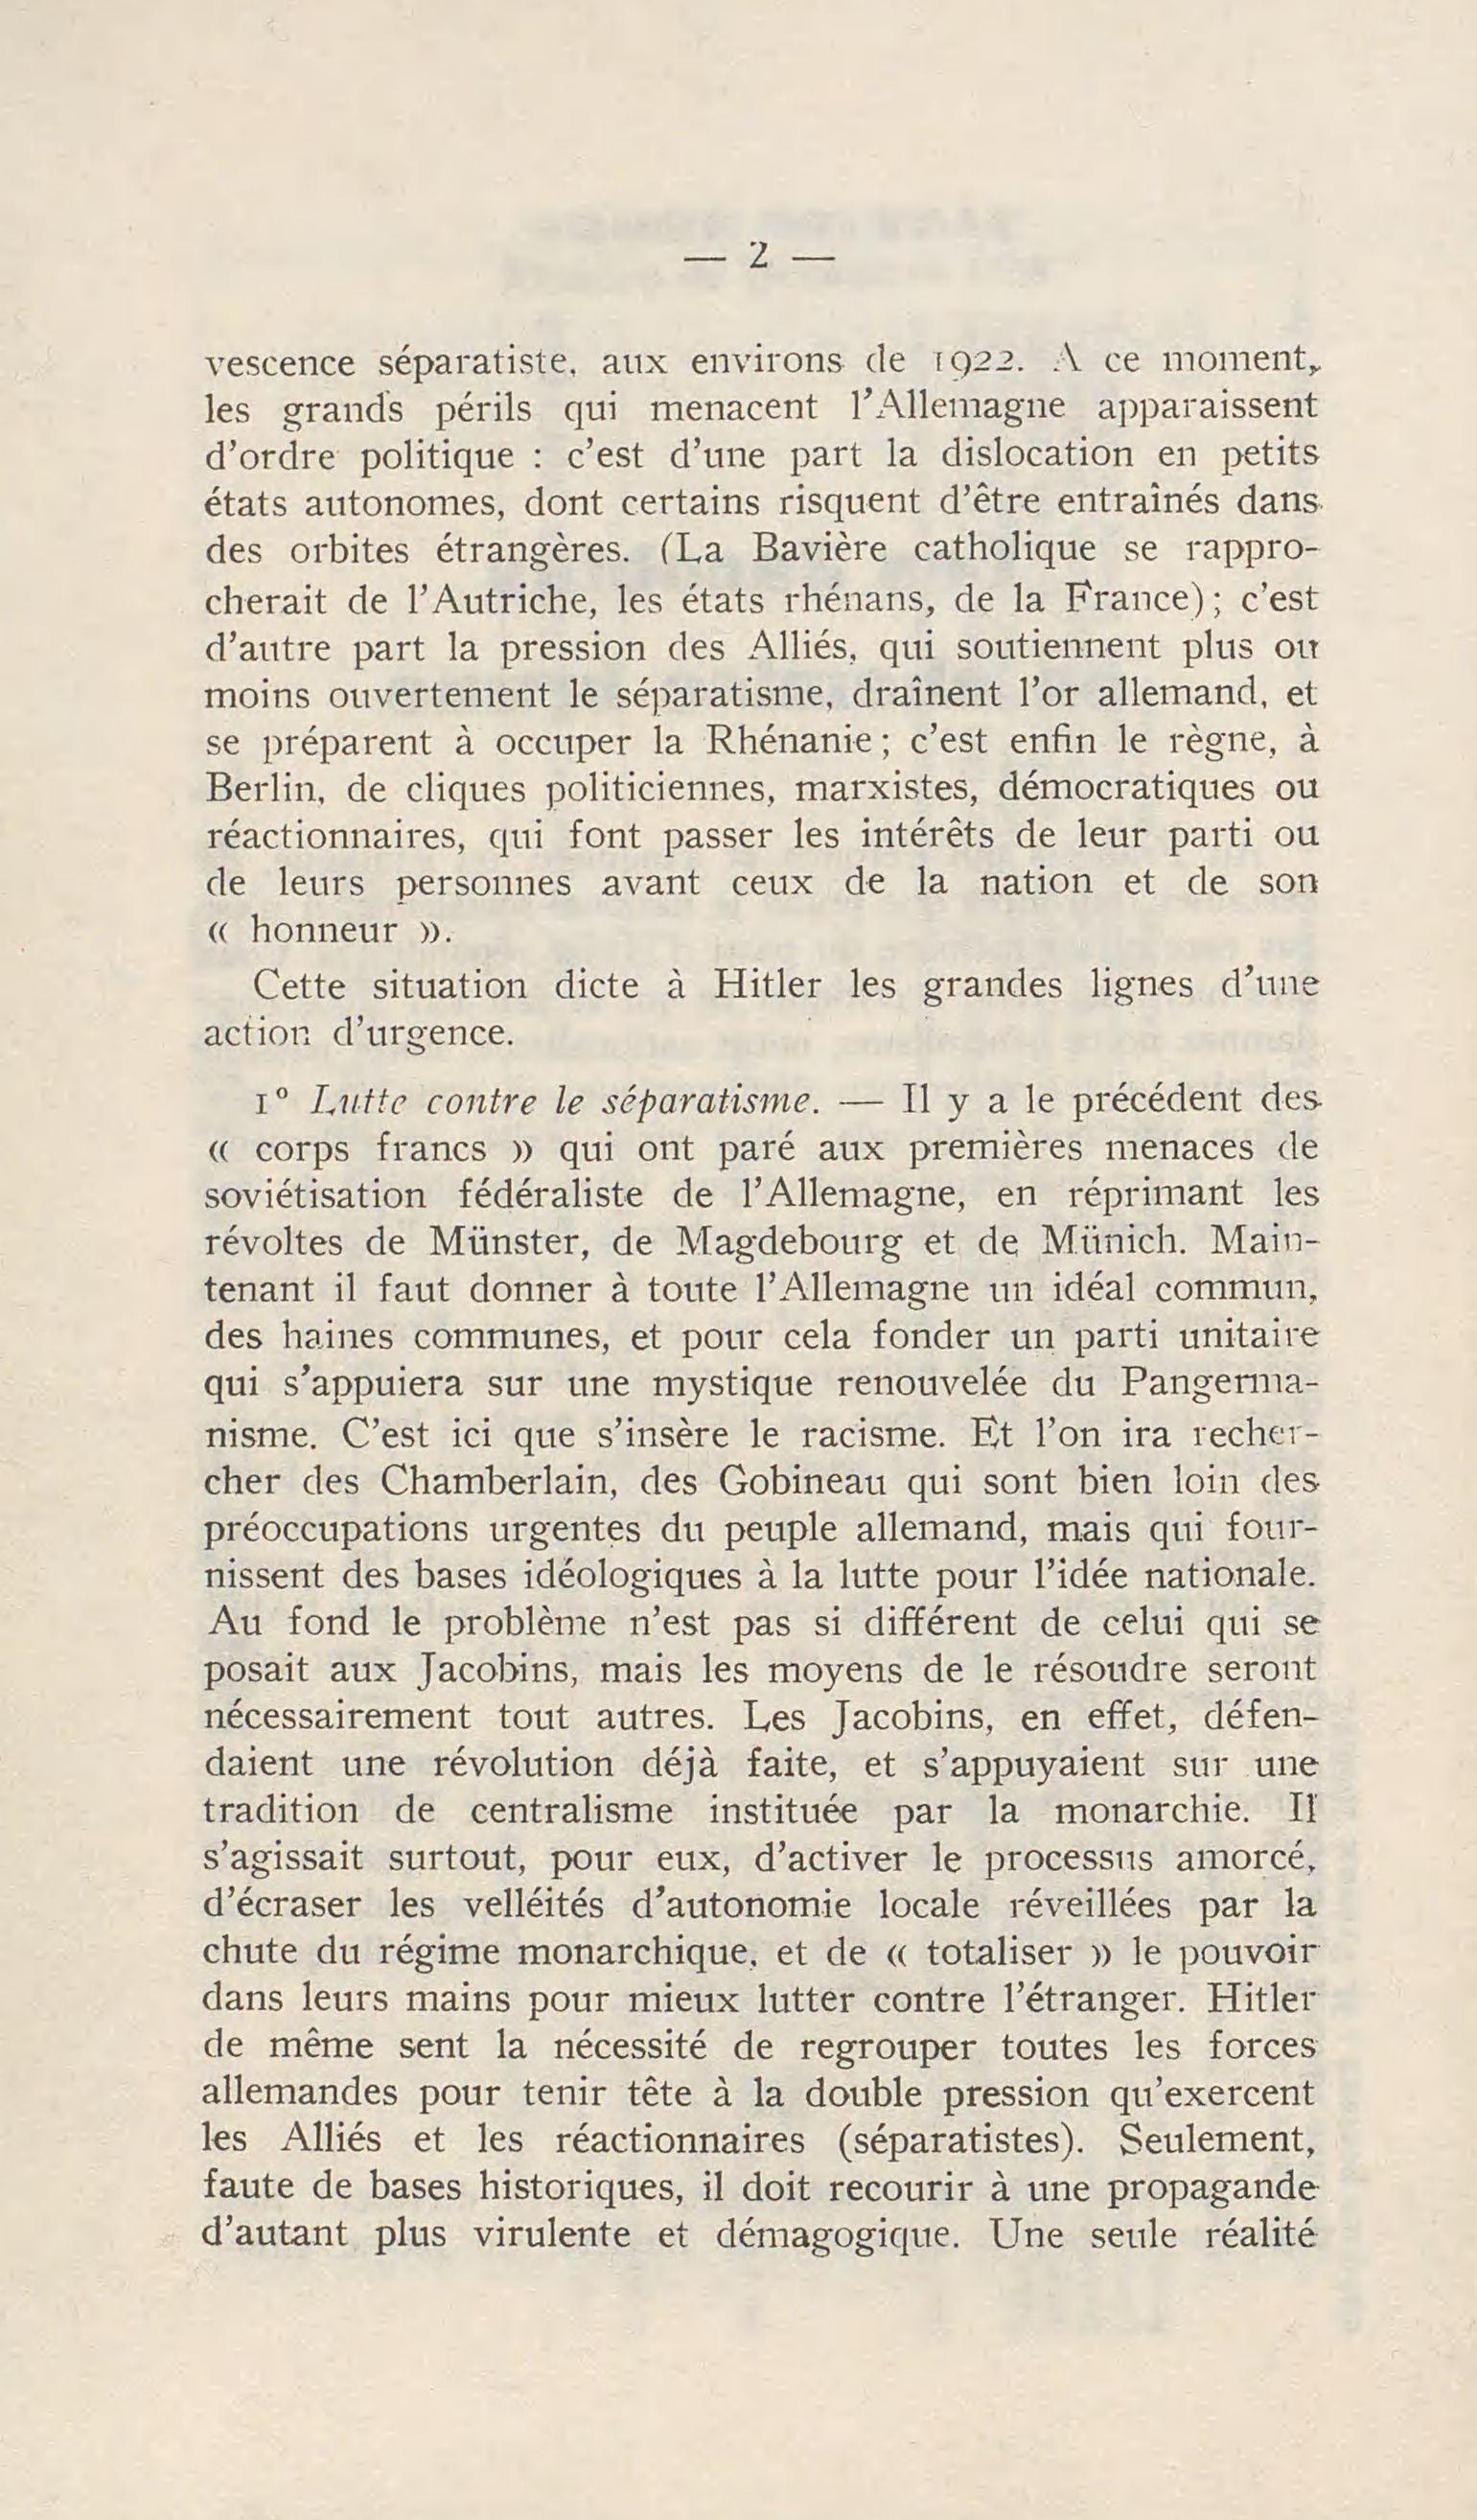 Les Jacobins En Chemise Brune Decembre 1936 L Ordre Nouveau Rougemont 2 0